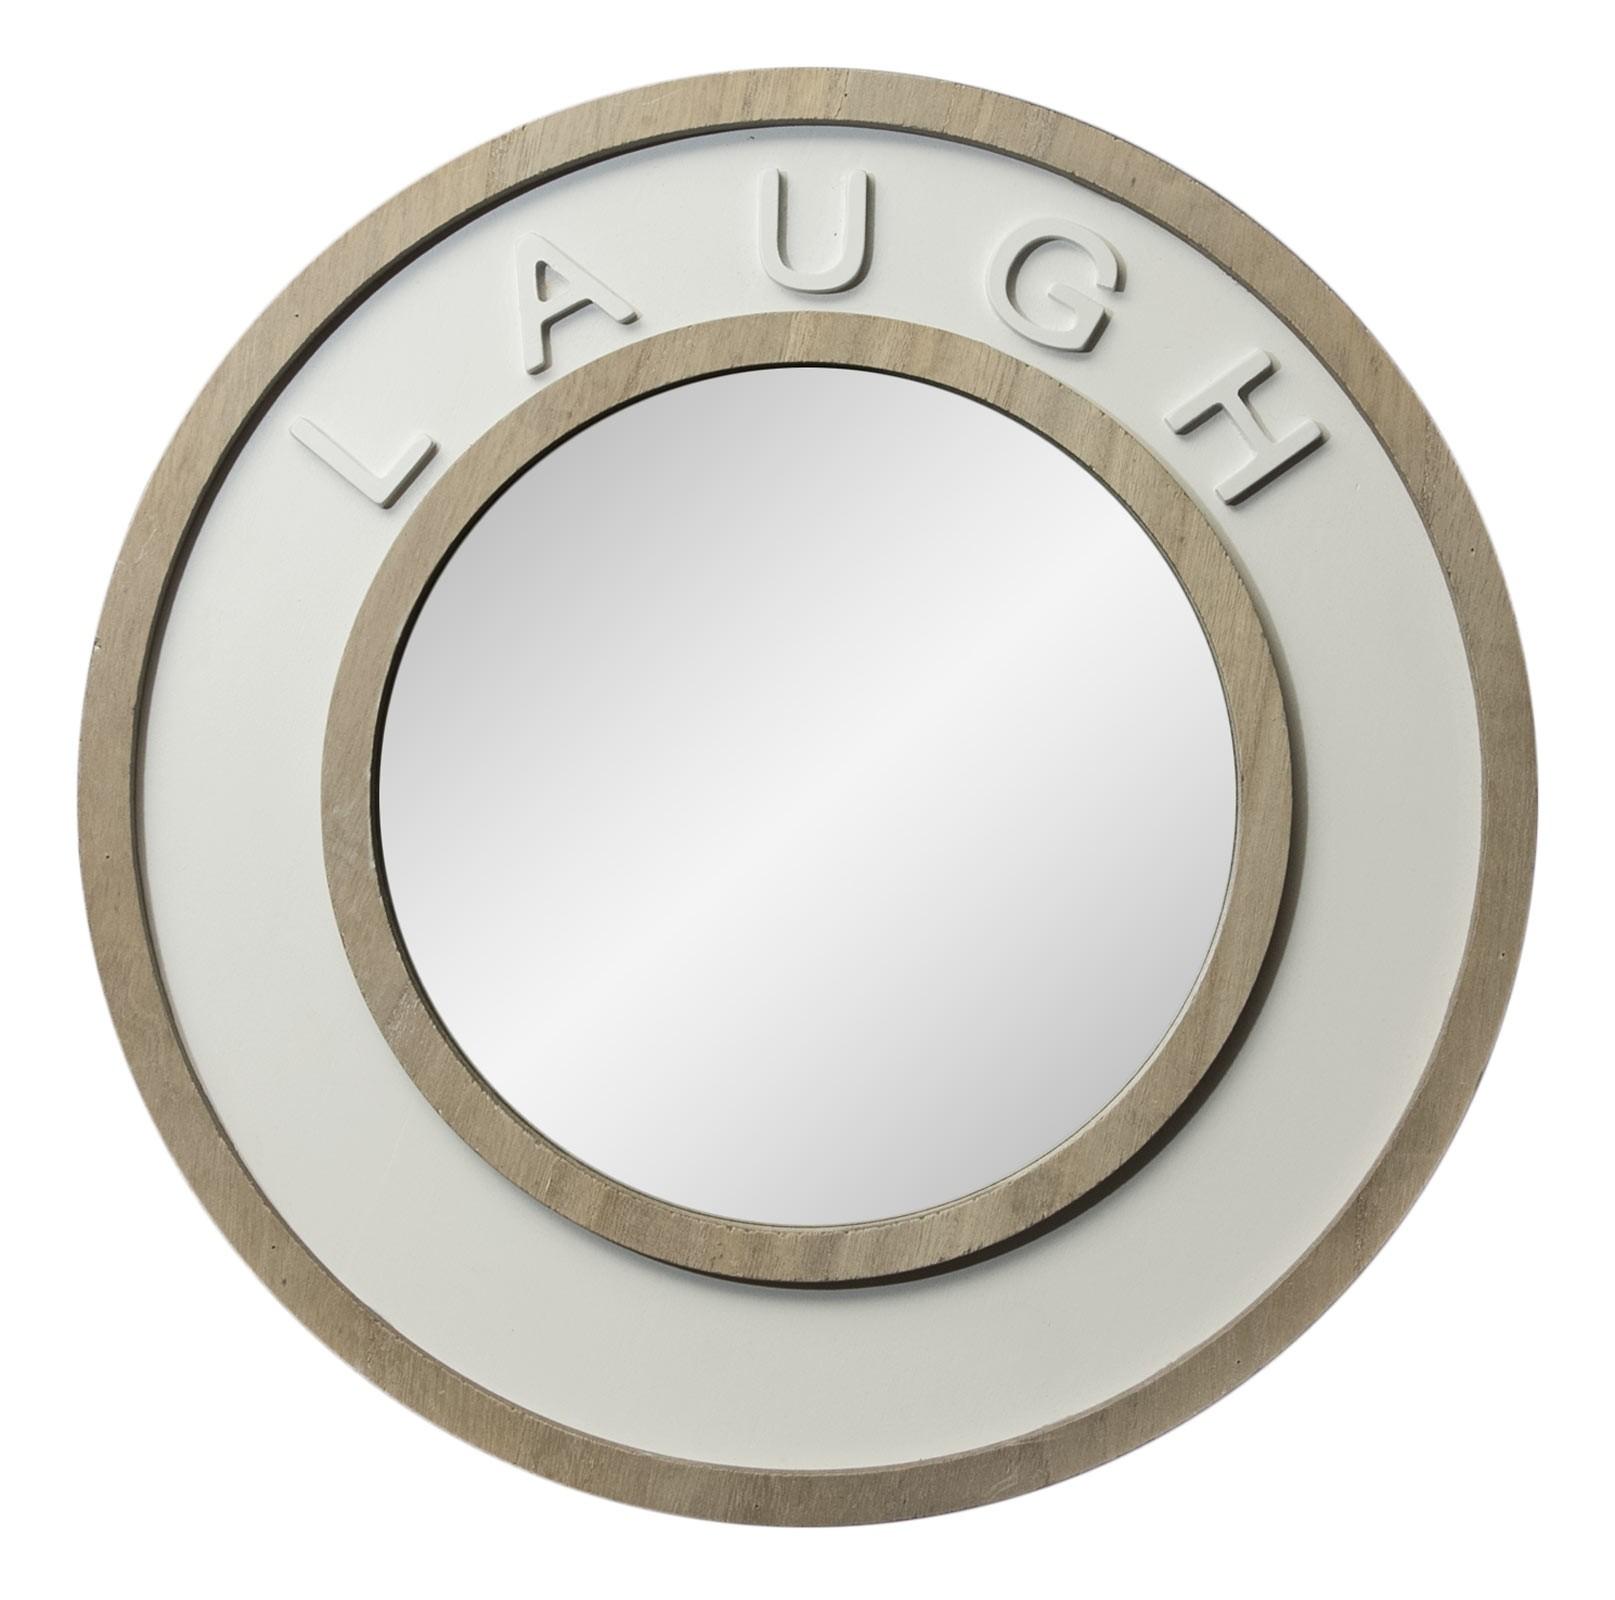 Laugh Mirror 42cm